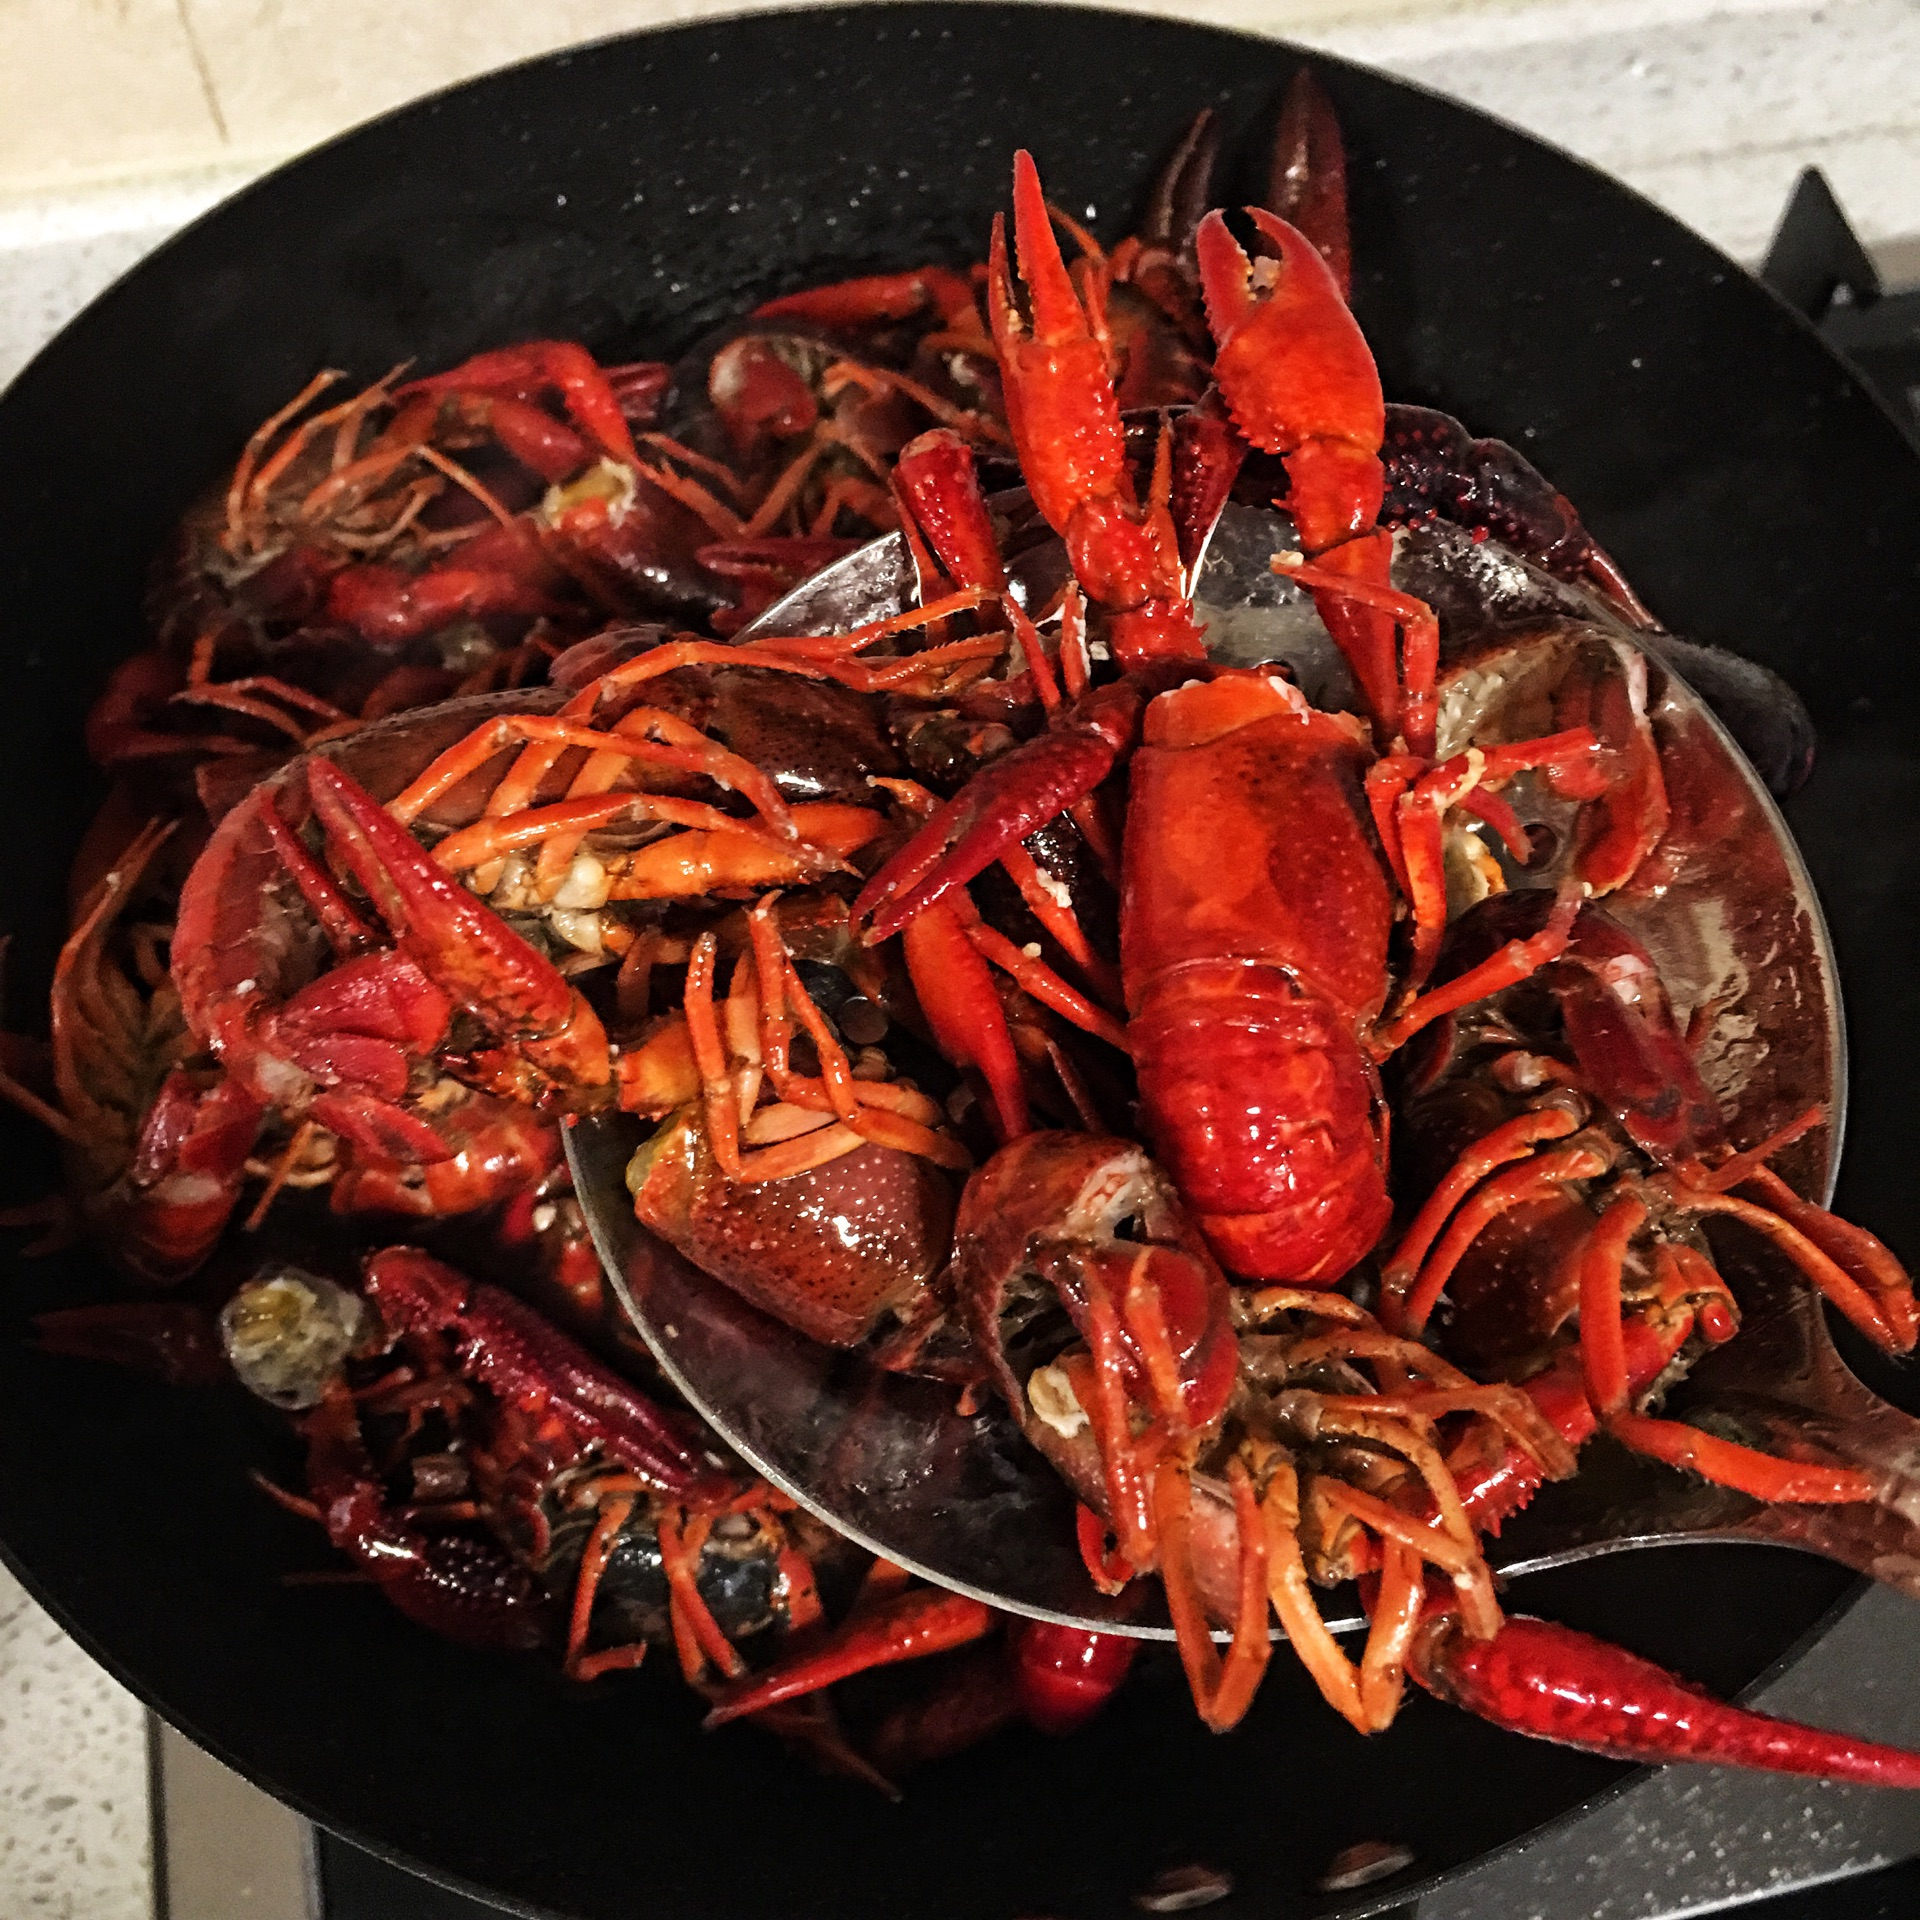 锅内倒油烧热后把清理干净的小龙虾过一下热油.